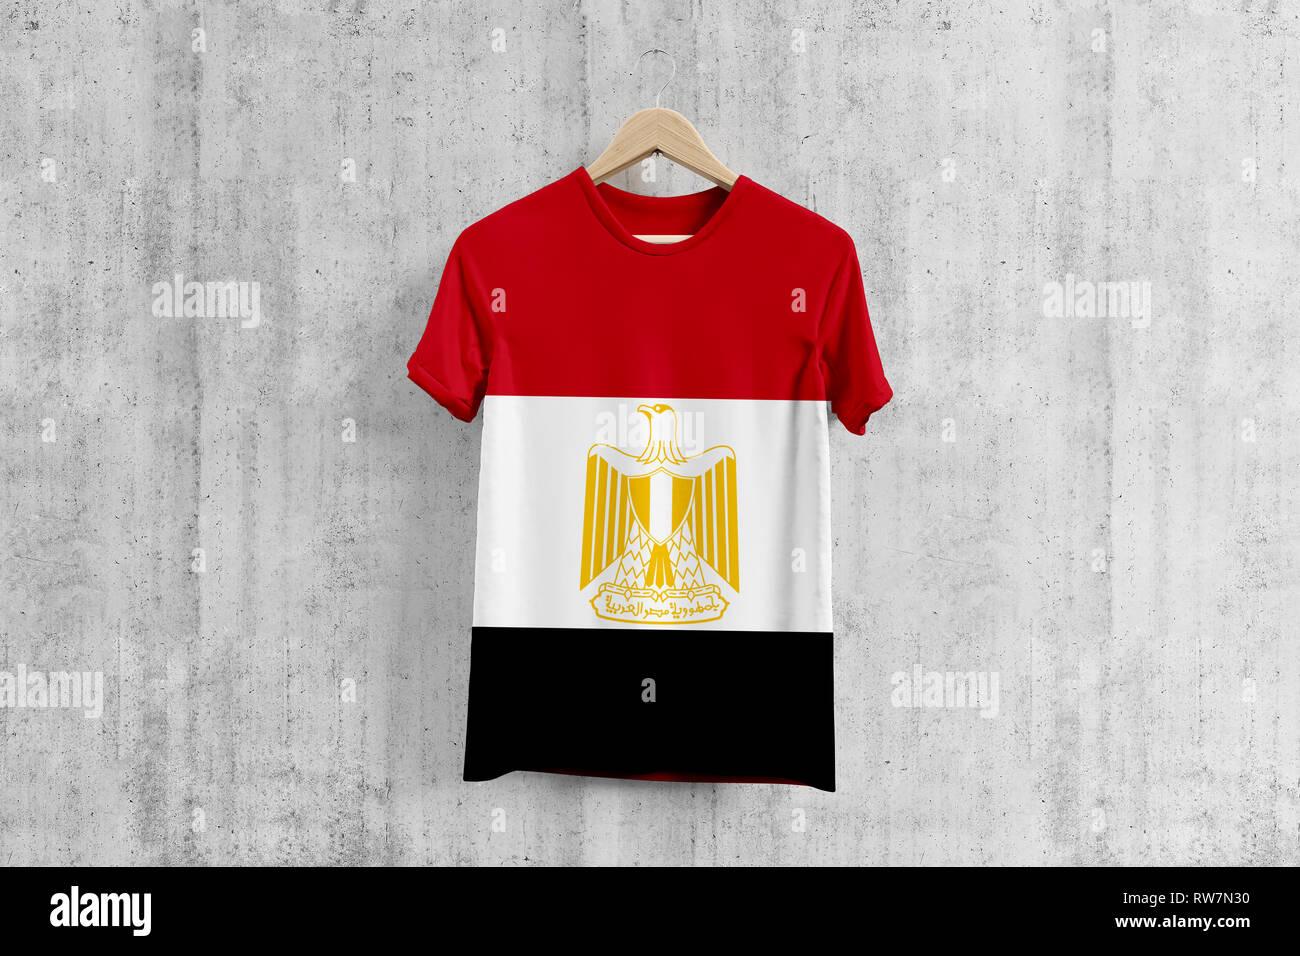 f35323be2 Egypt flag T-shirt on hanger, Egyptian team uniform design idea for garment  production